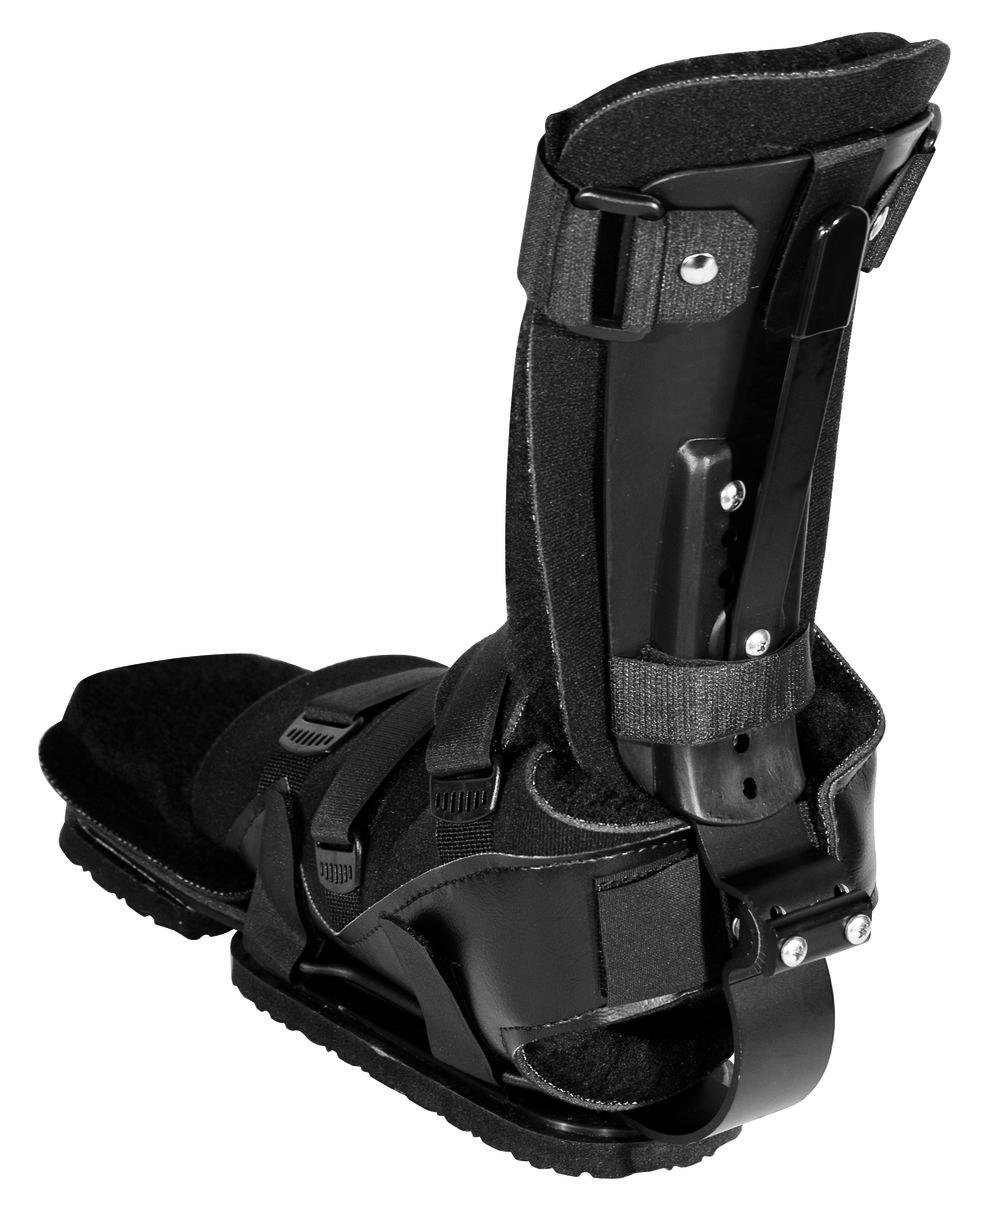 PRAFO 652SKB Ankle Foot Orthosis